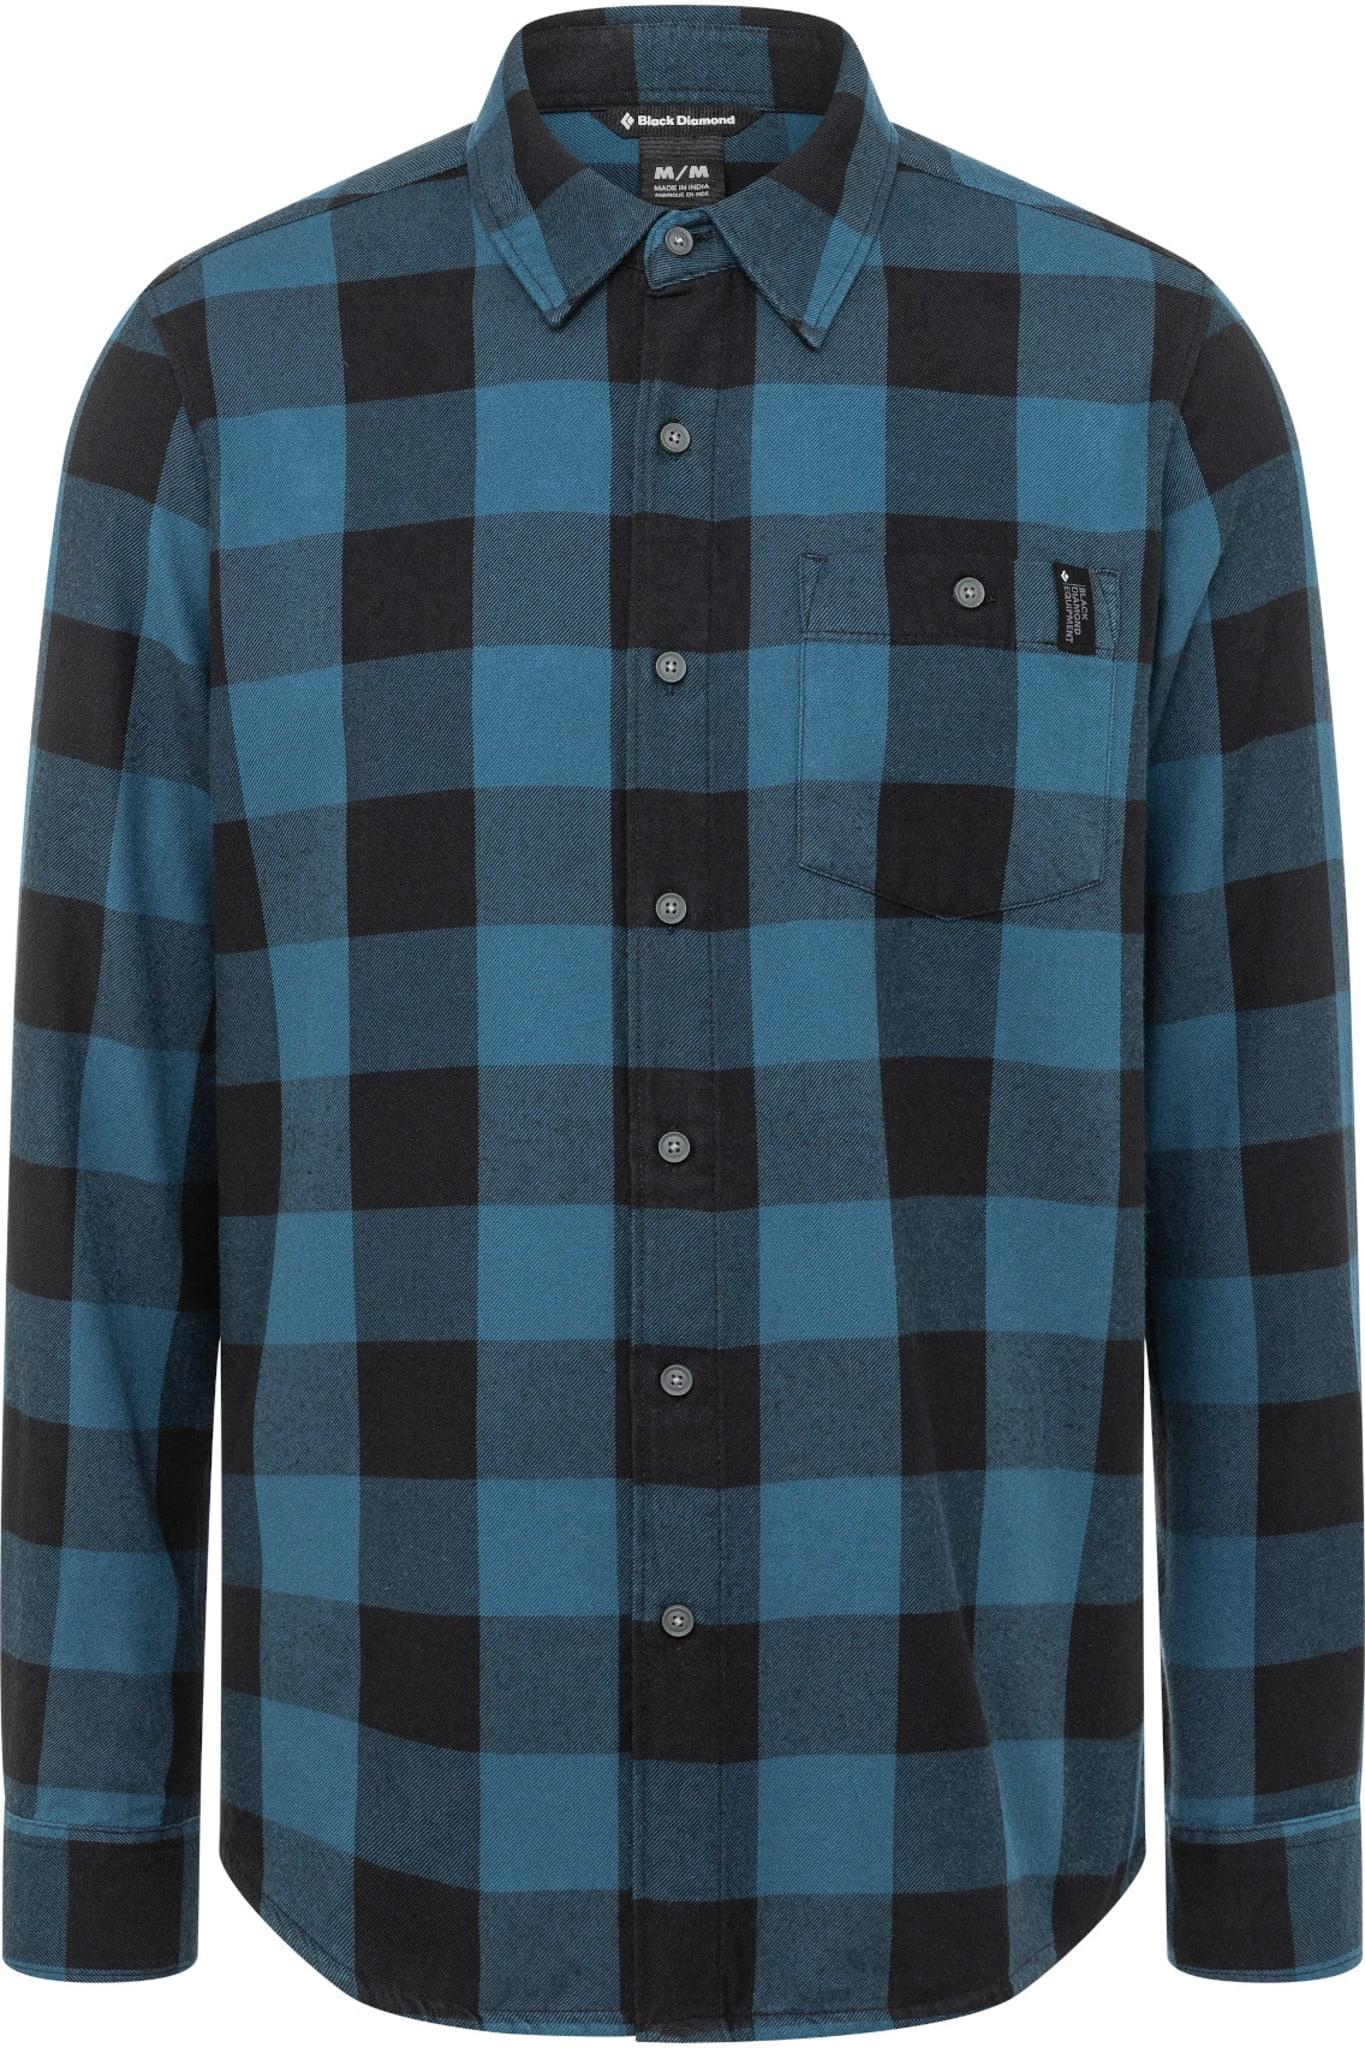 Flanellskjorte til hverdags og klatring